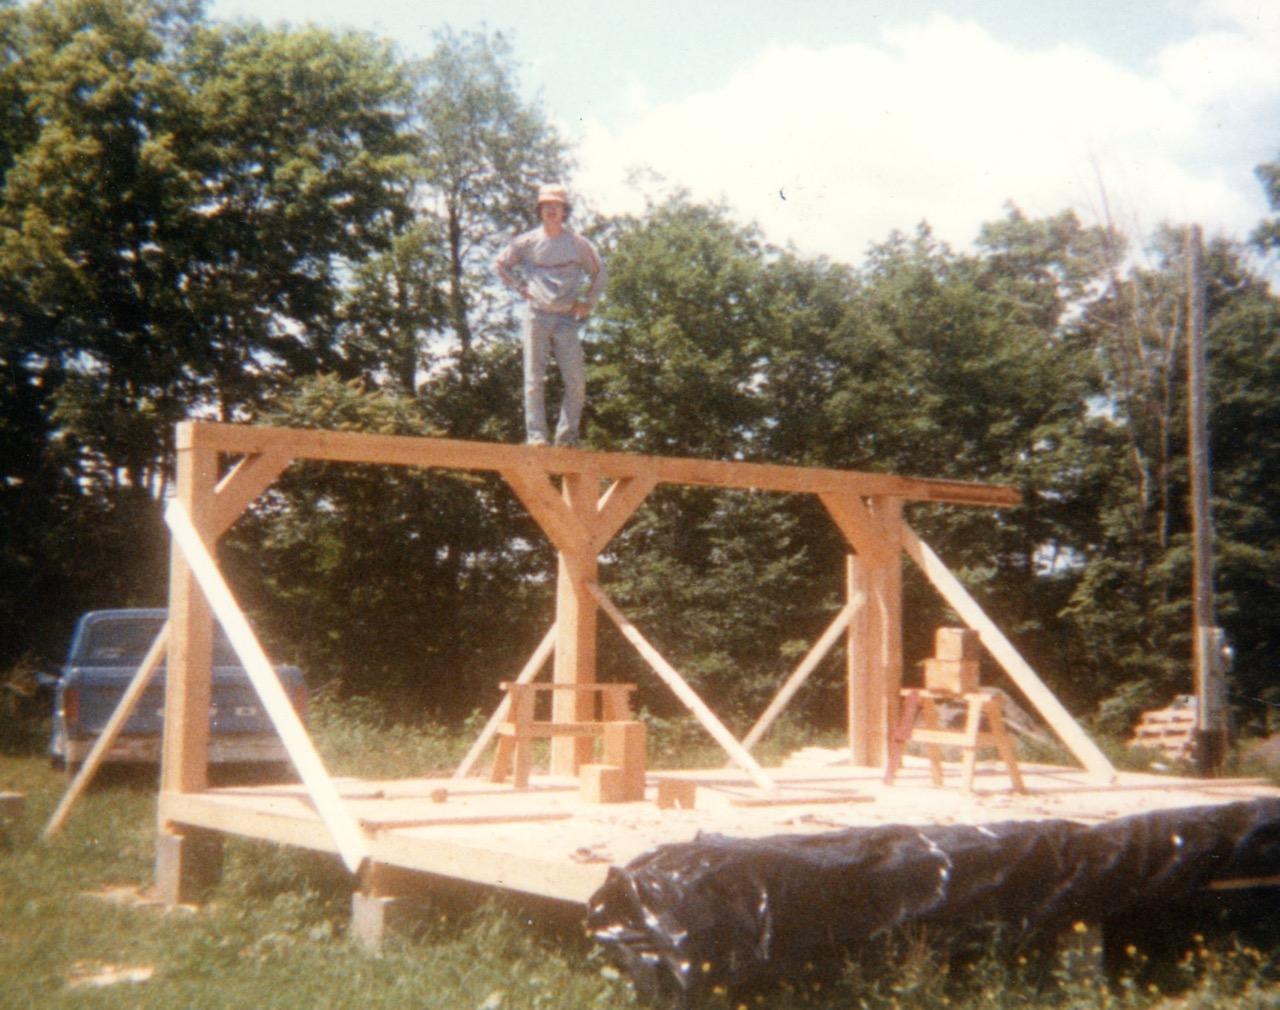 Upland building our upland dream home part 3 for Build dream home